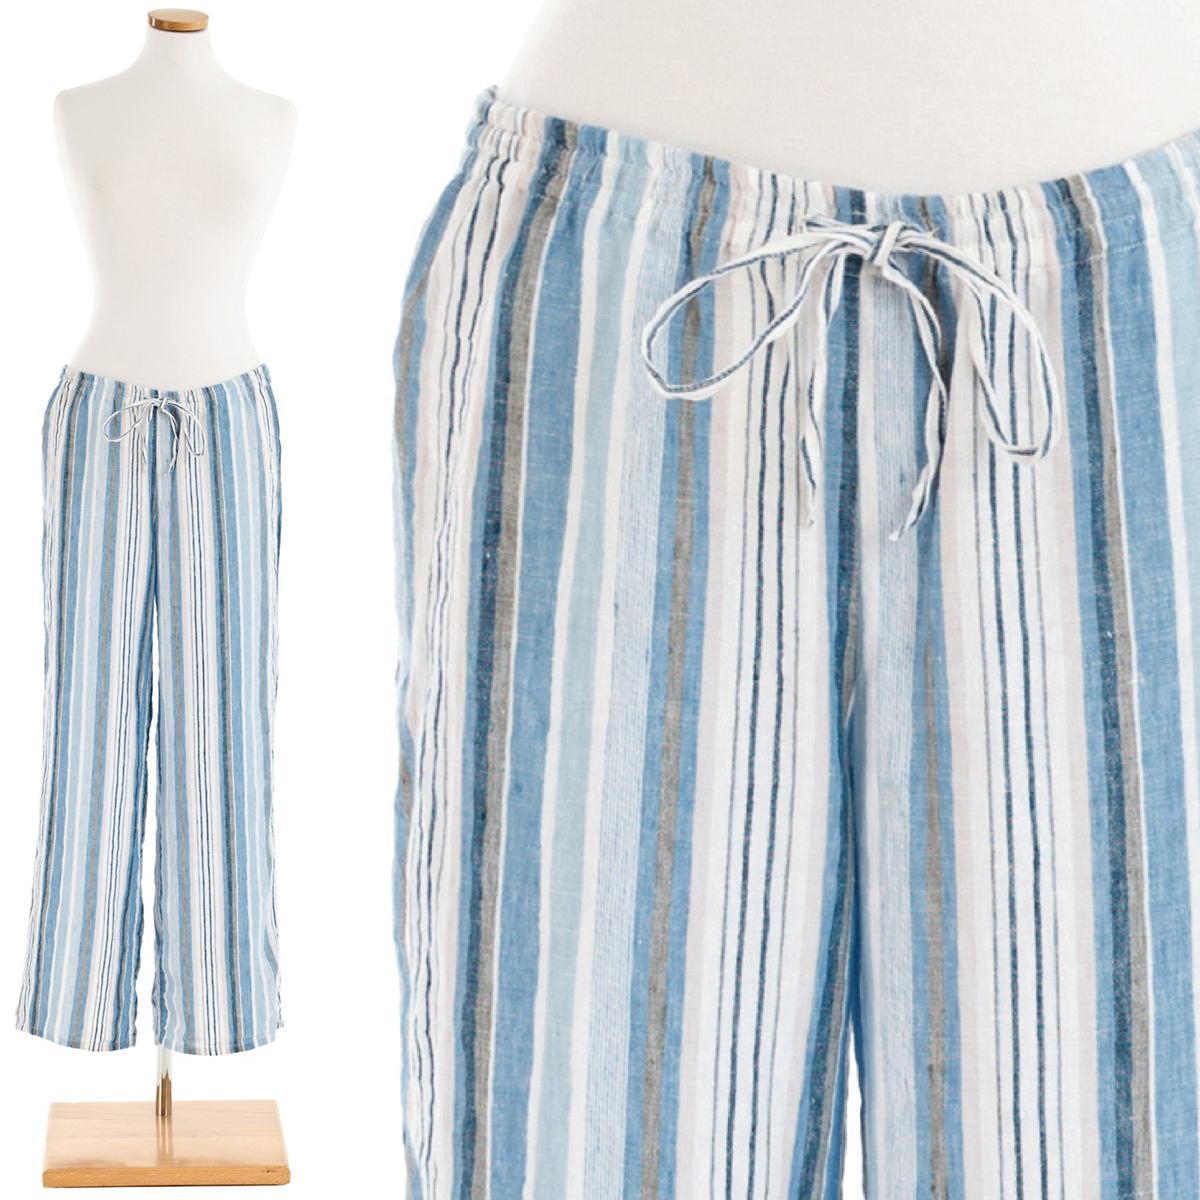 Honfleur Linen Lounge Pant